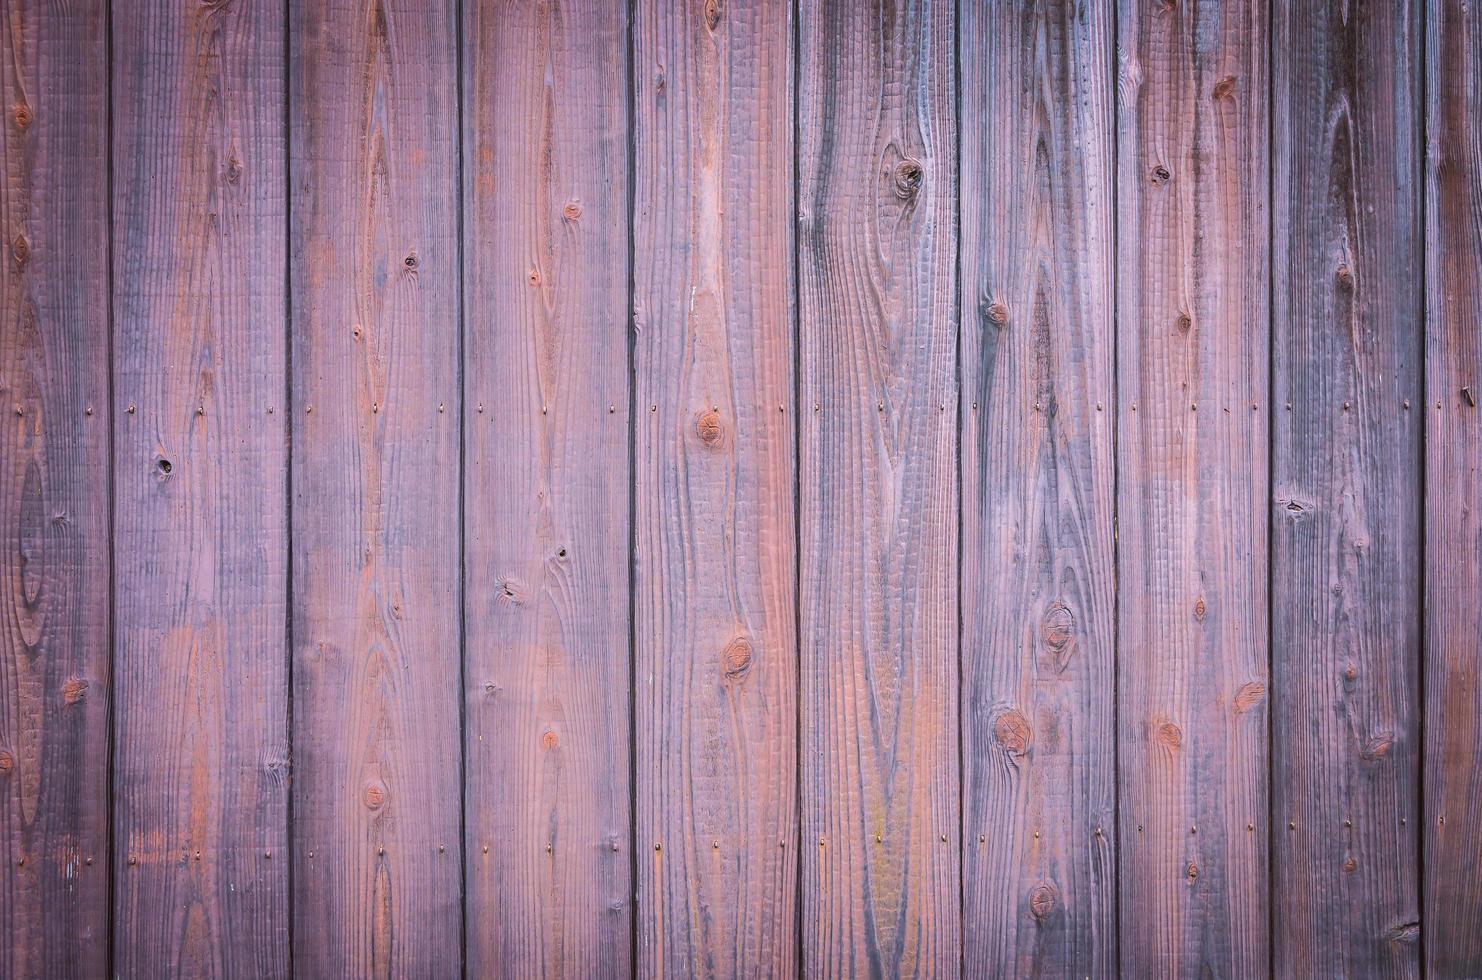 alter Holztexturhintergrund foto